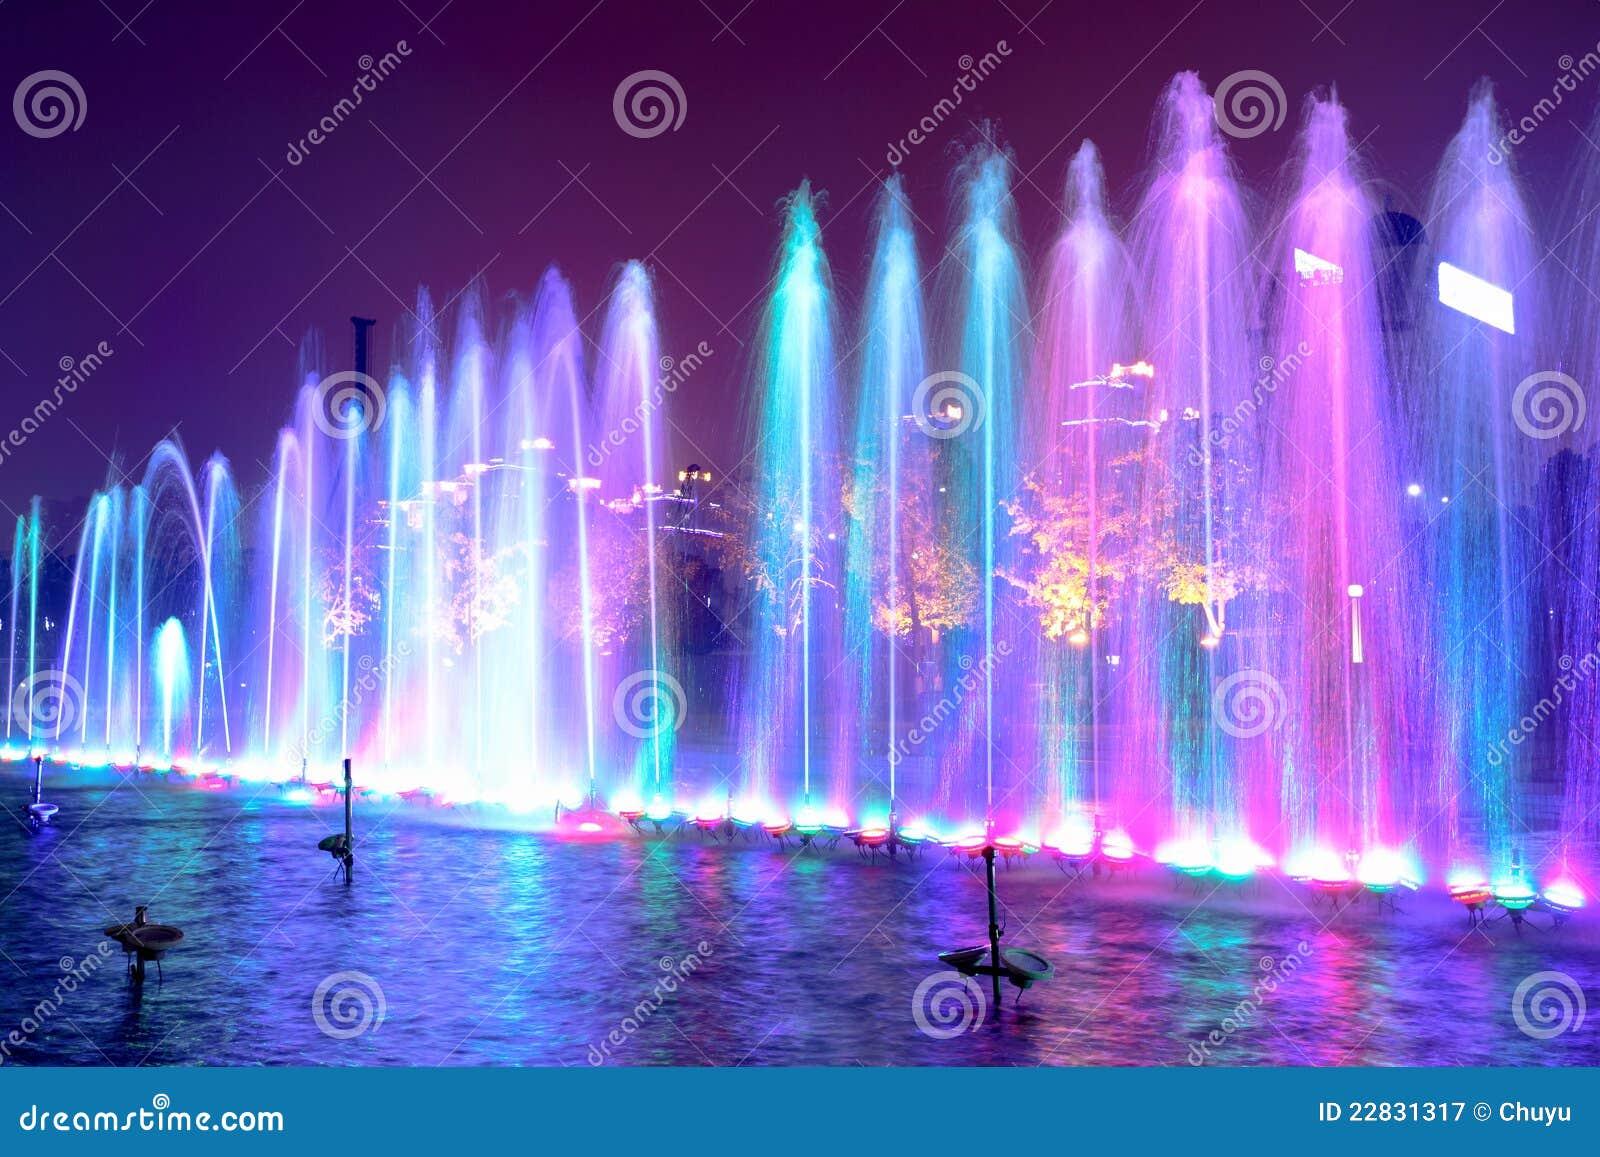 Wasserbrunnen nachts